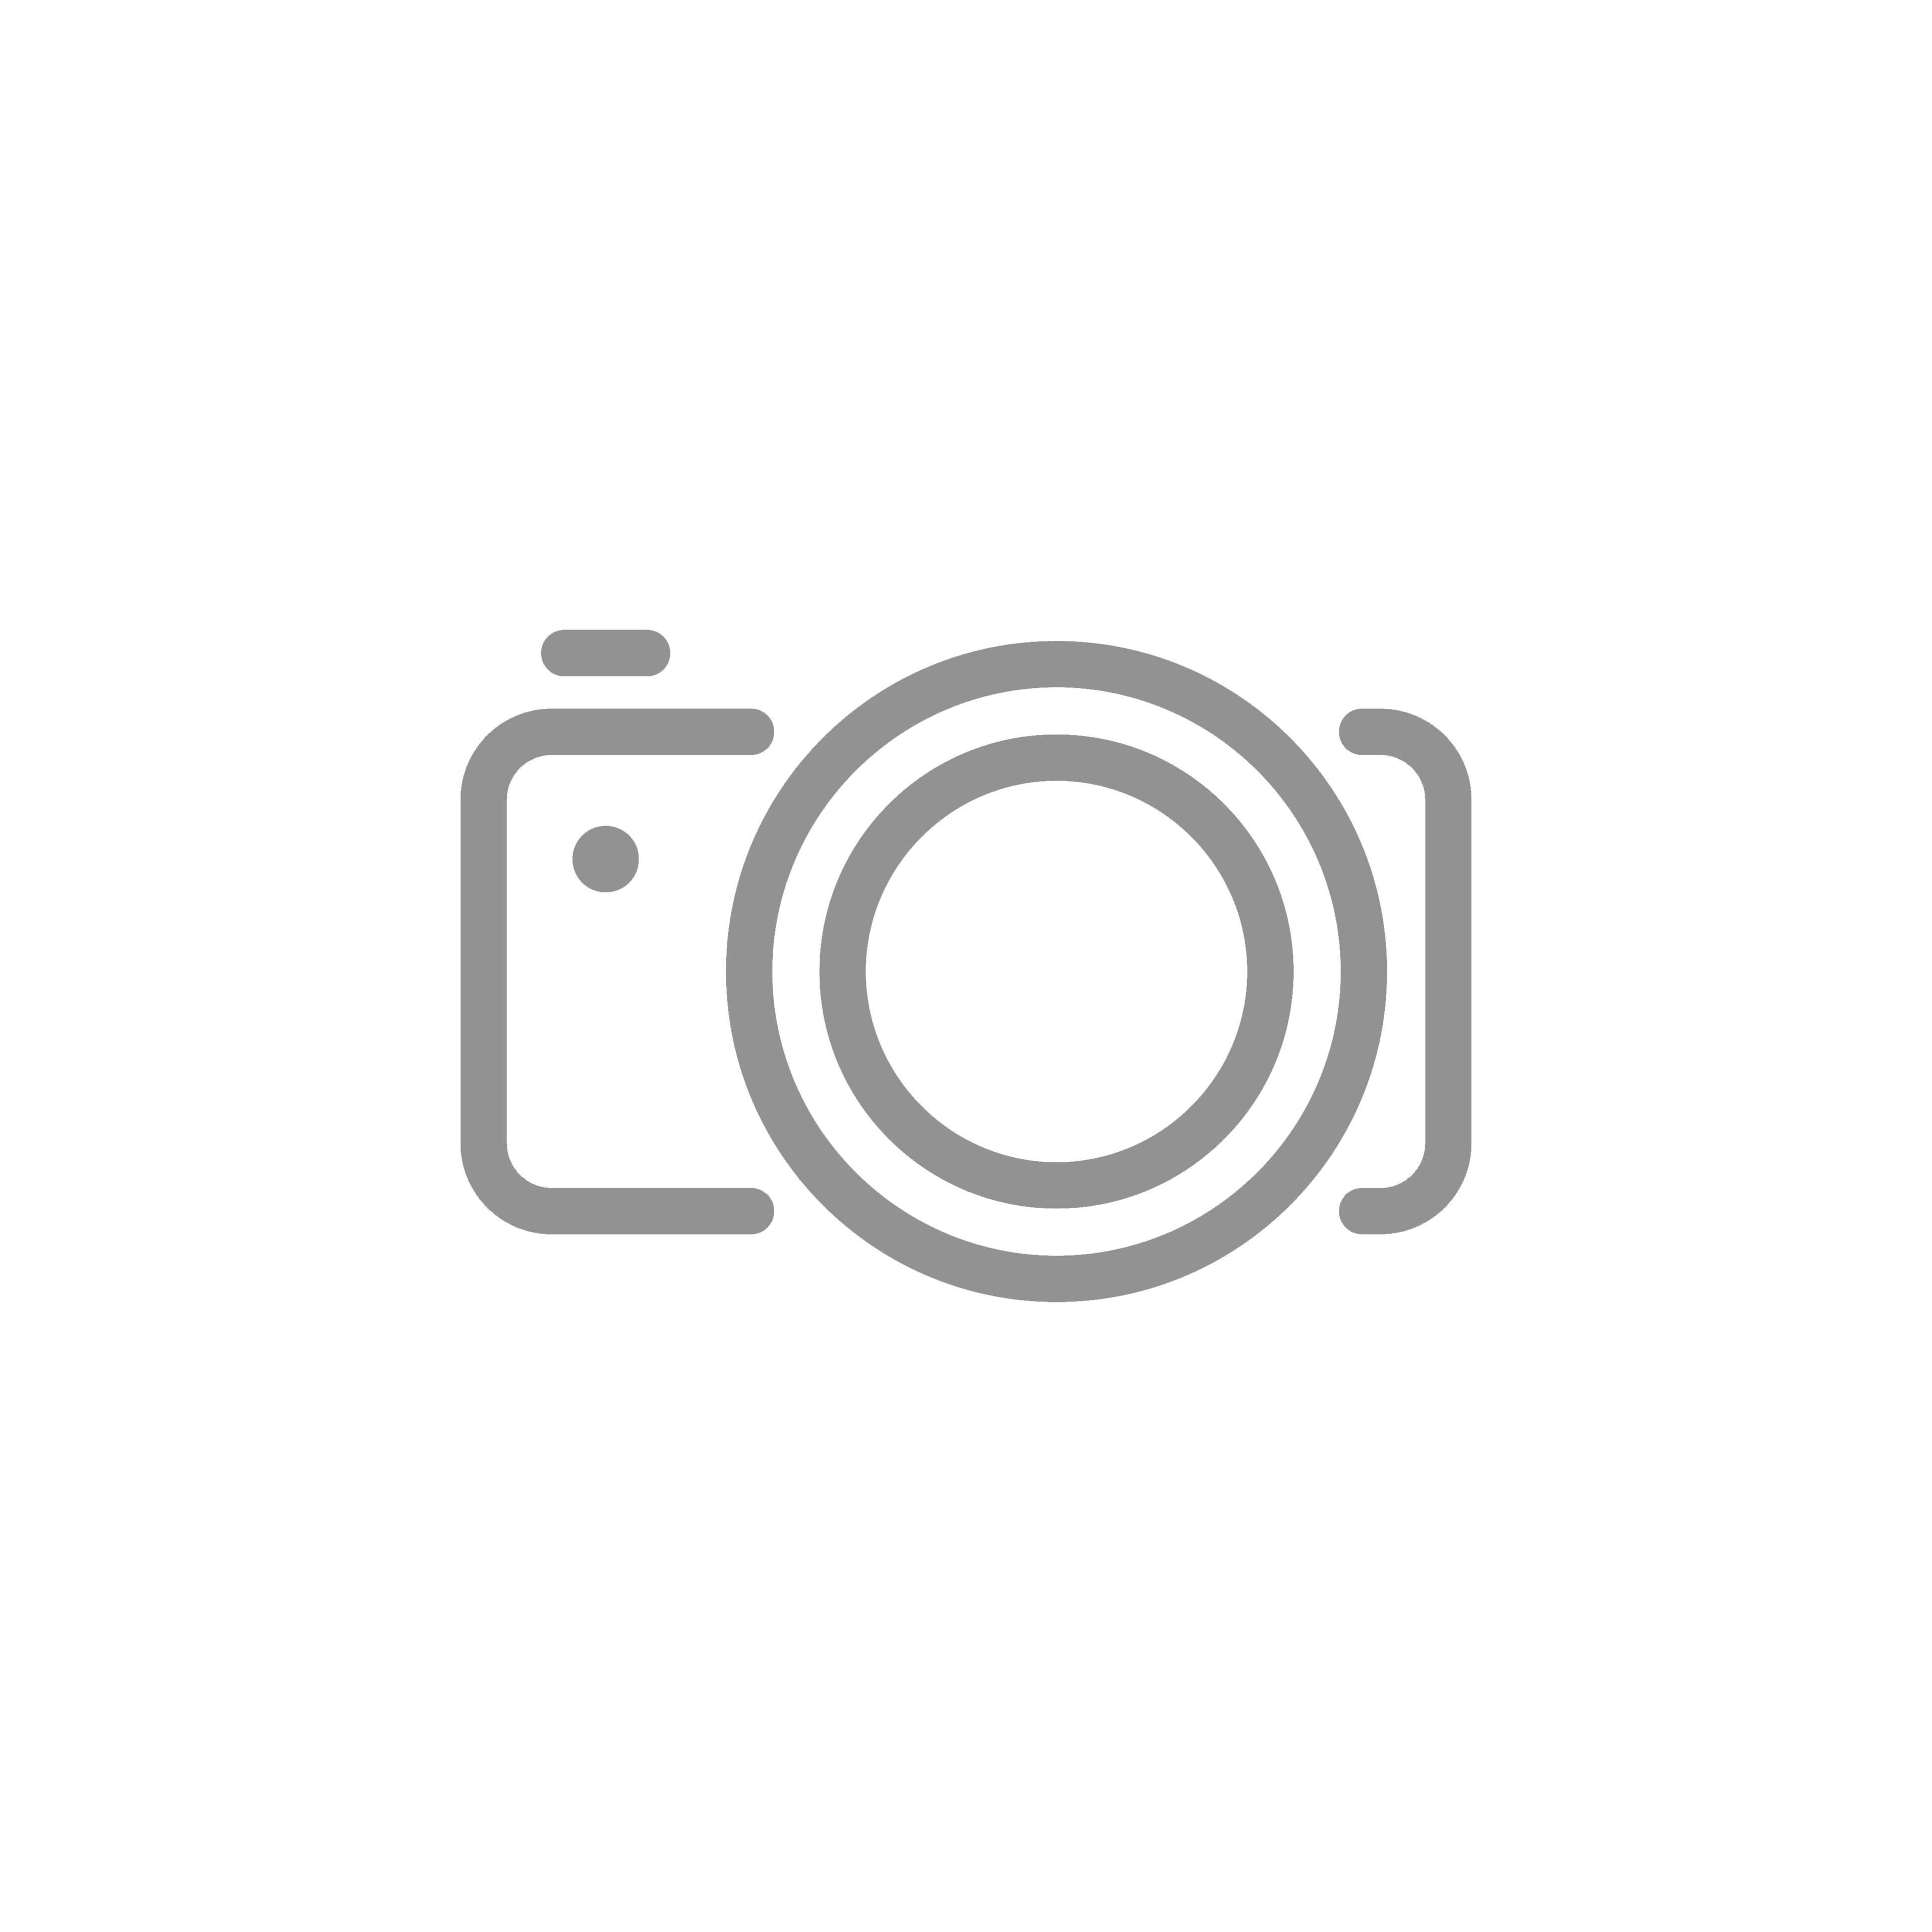 Tough-JAK Google Pixel 6 Pro Leather Case - Black  MS000924